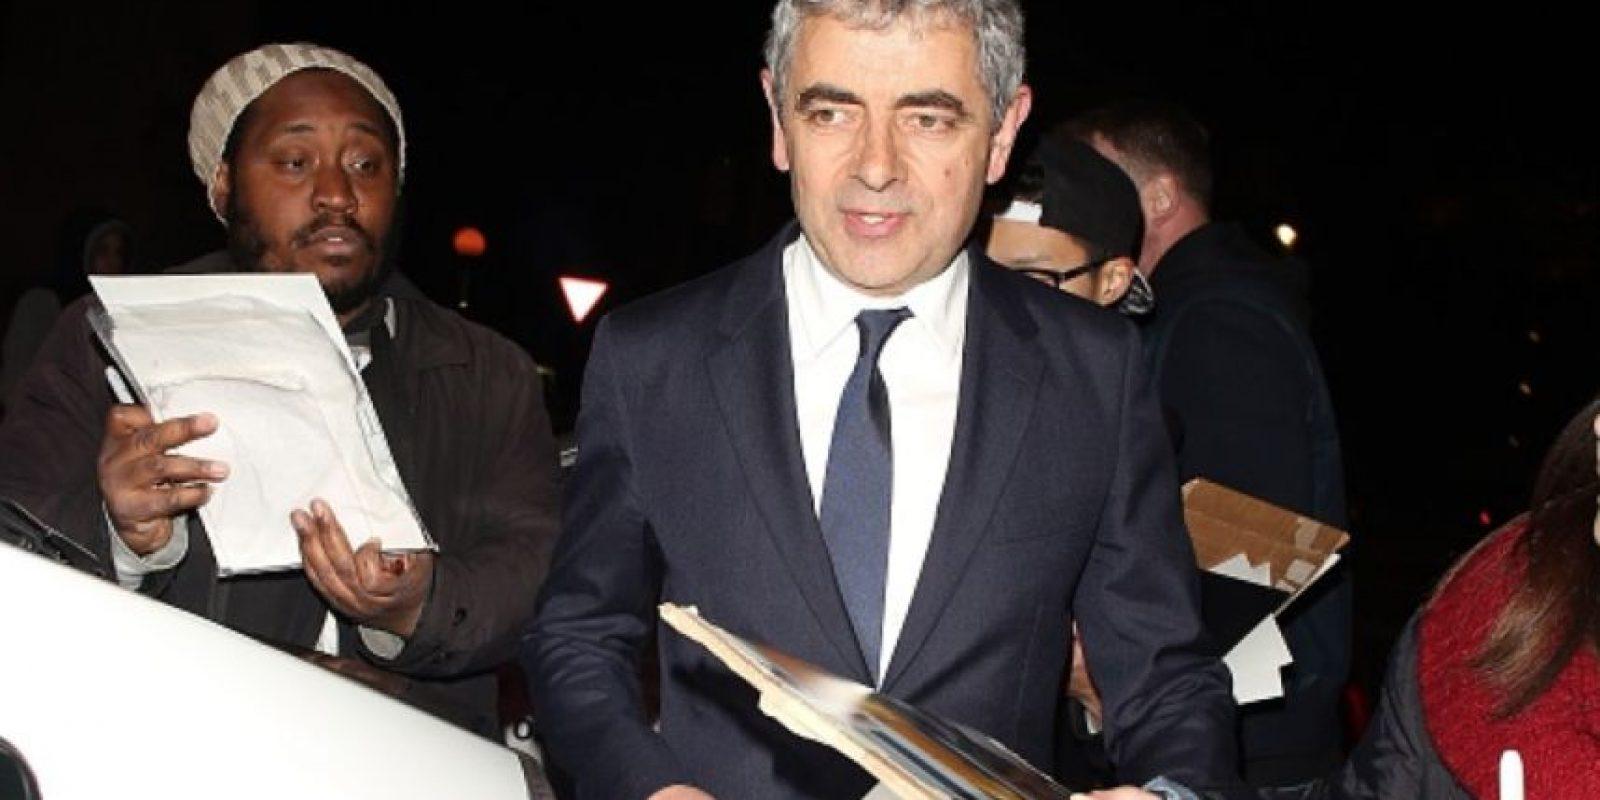 """Aparte de la popularidad que tiene con """"Mr. Bean"""", Atkinson ha interpretado a """"Johnny English"""", un torpe espía británico. En los Juegos Olímpicos de 2012 se le volvió a ver como """"Bean"""". Foto:vía Getty Images"""